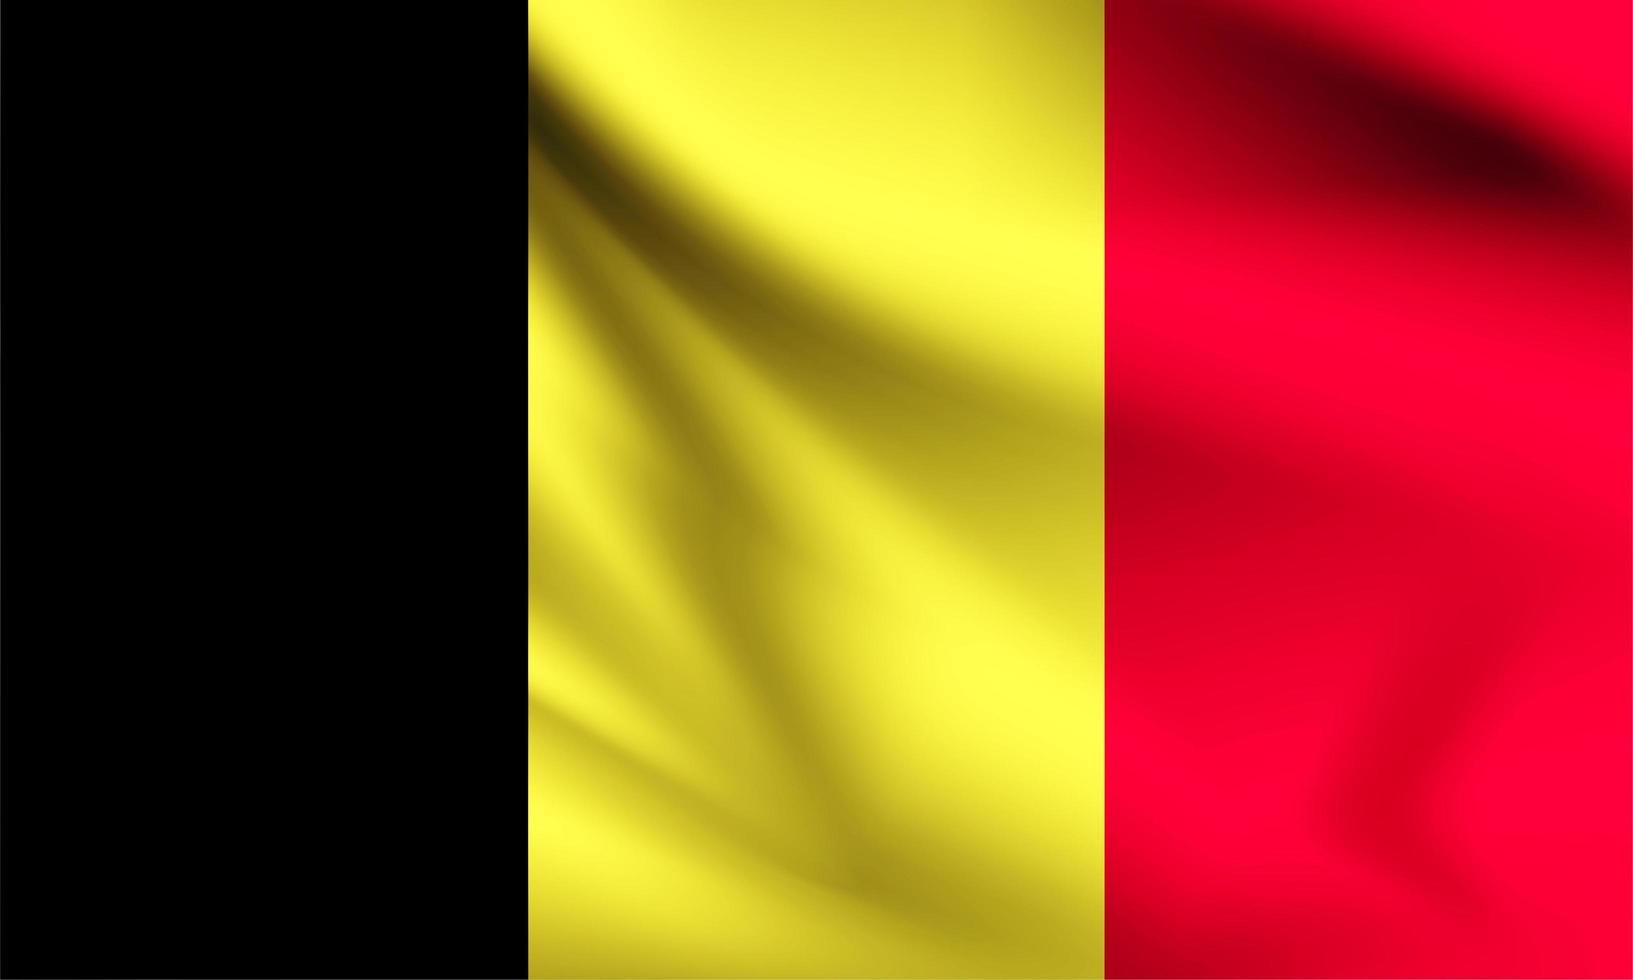 drapeau 3d belgique 1228873 - Telecharger Vectoriel Gratuit, Clipart  Graphique, Vecteur Dessins et Pictogramme Gratuit